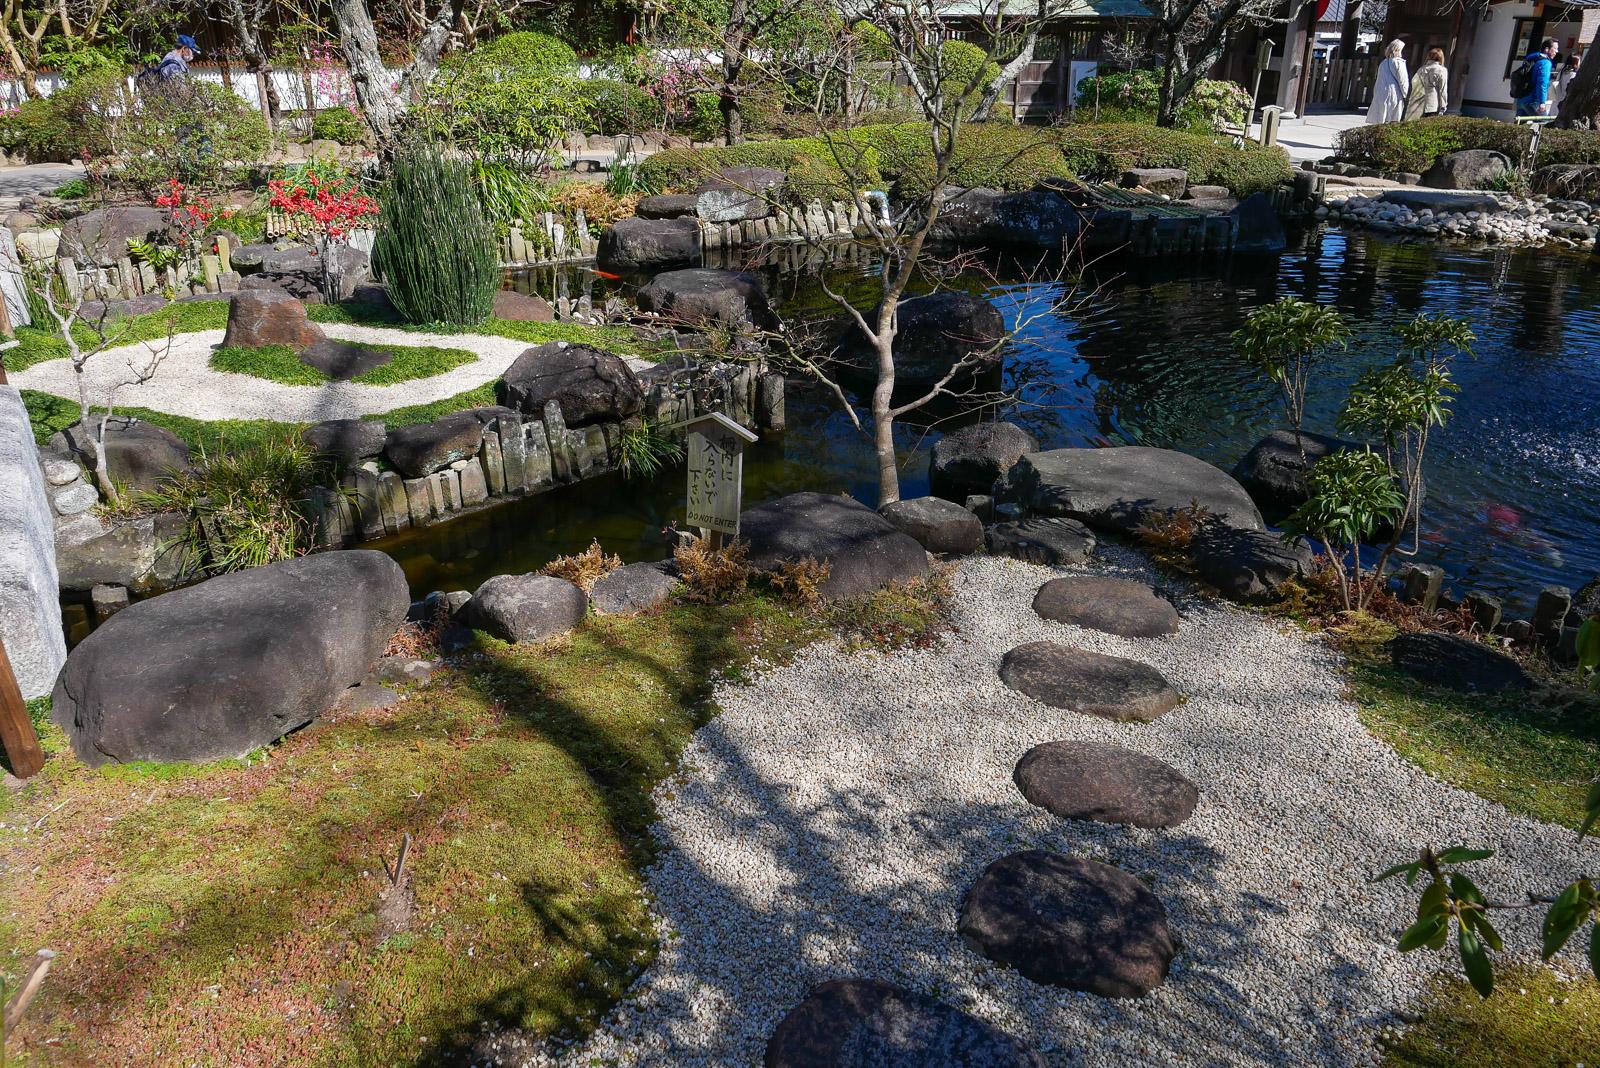 見事な石の配された枯山水庭園で